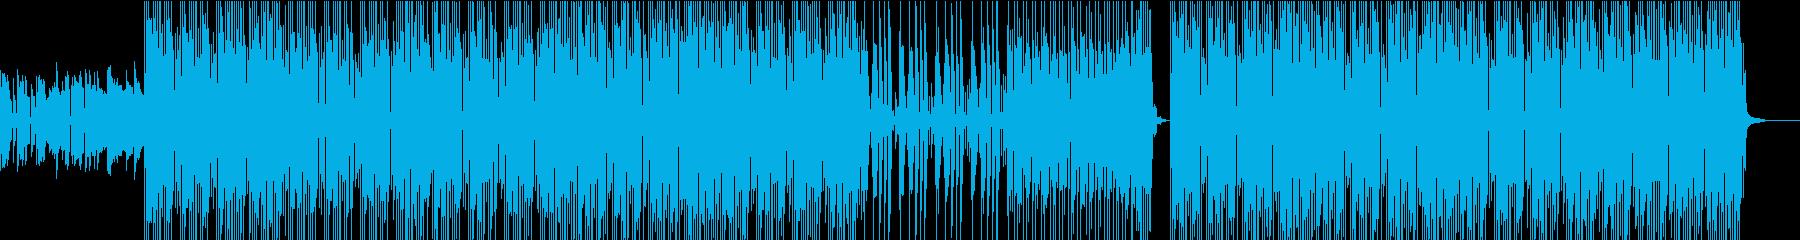 お洒落でスタイリッシュ ギターポップの再生済みの波形